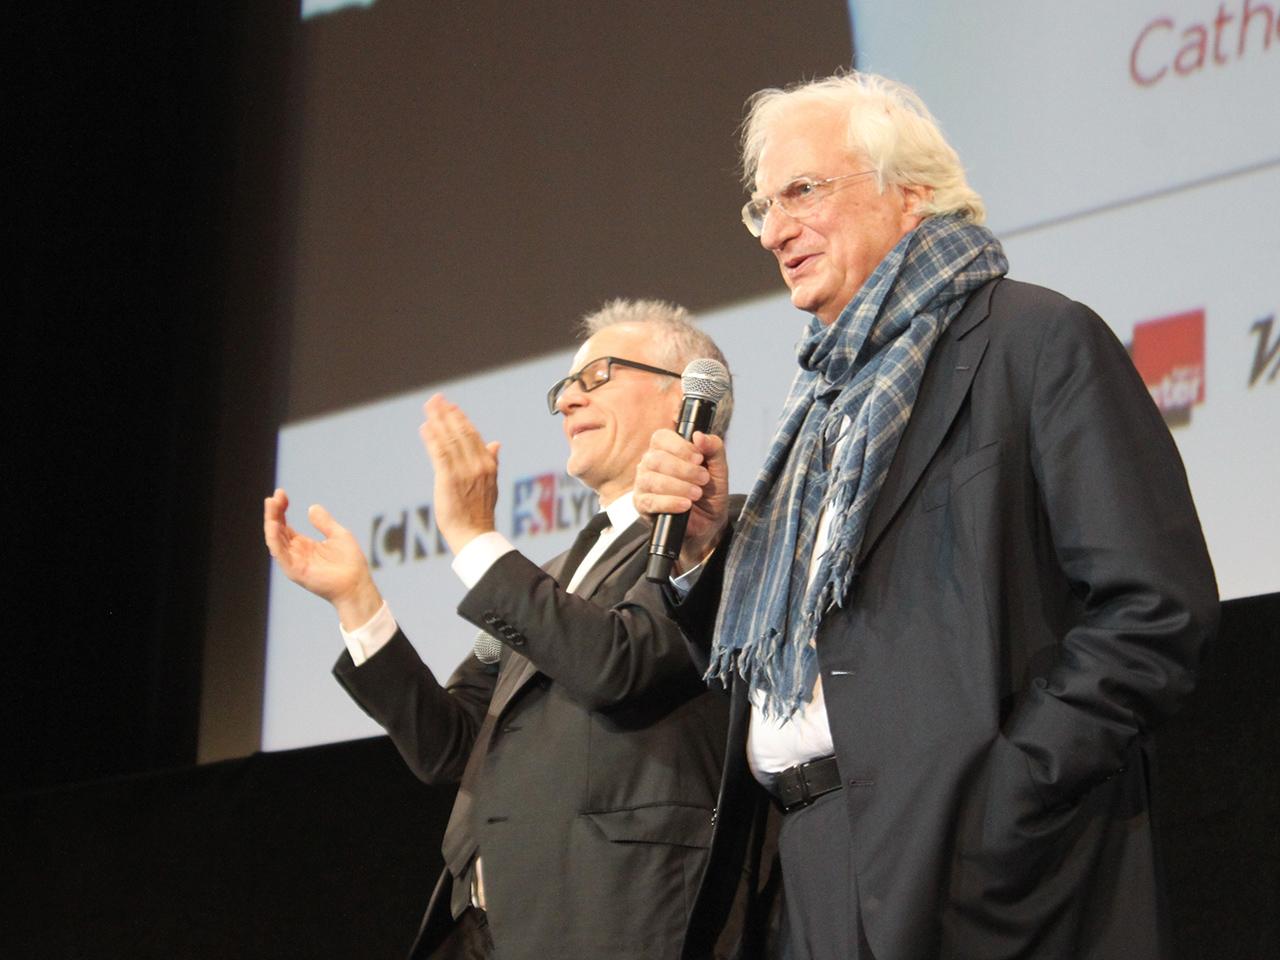 Bertrand Tavernier, ici avec Thierry Frémaux, de retour au Festival après son cancer - LyonMag